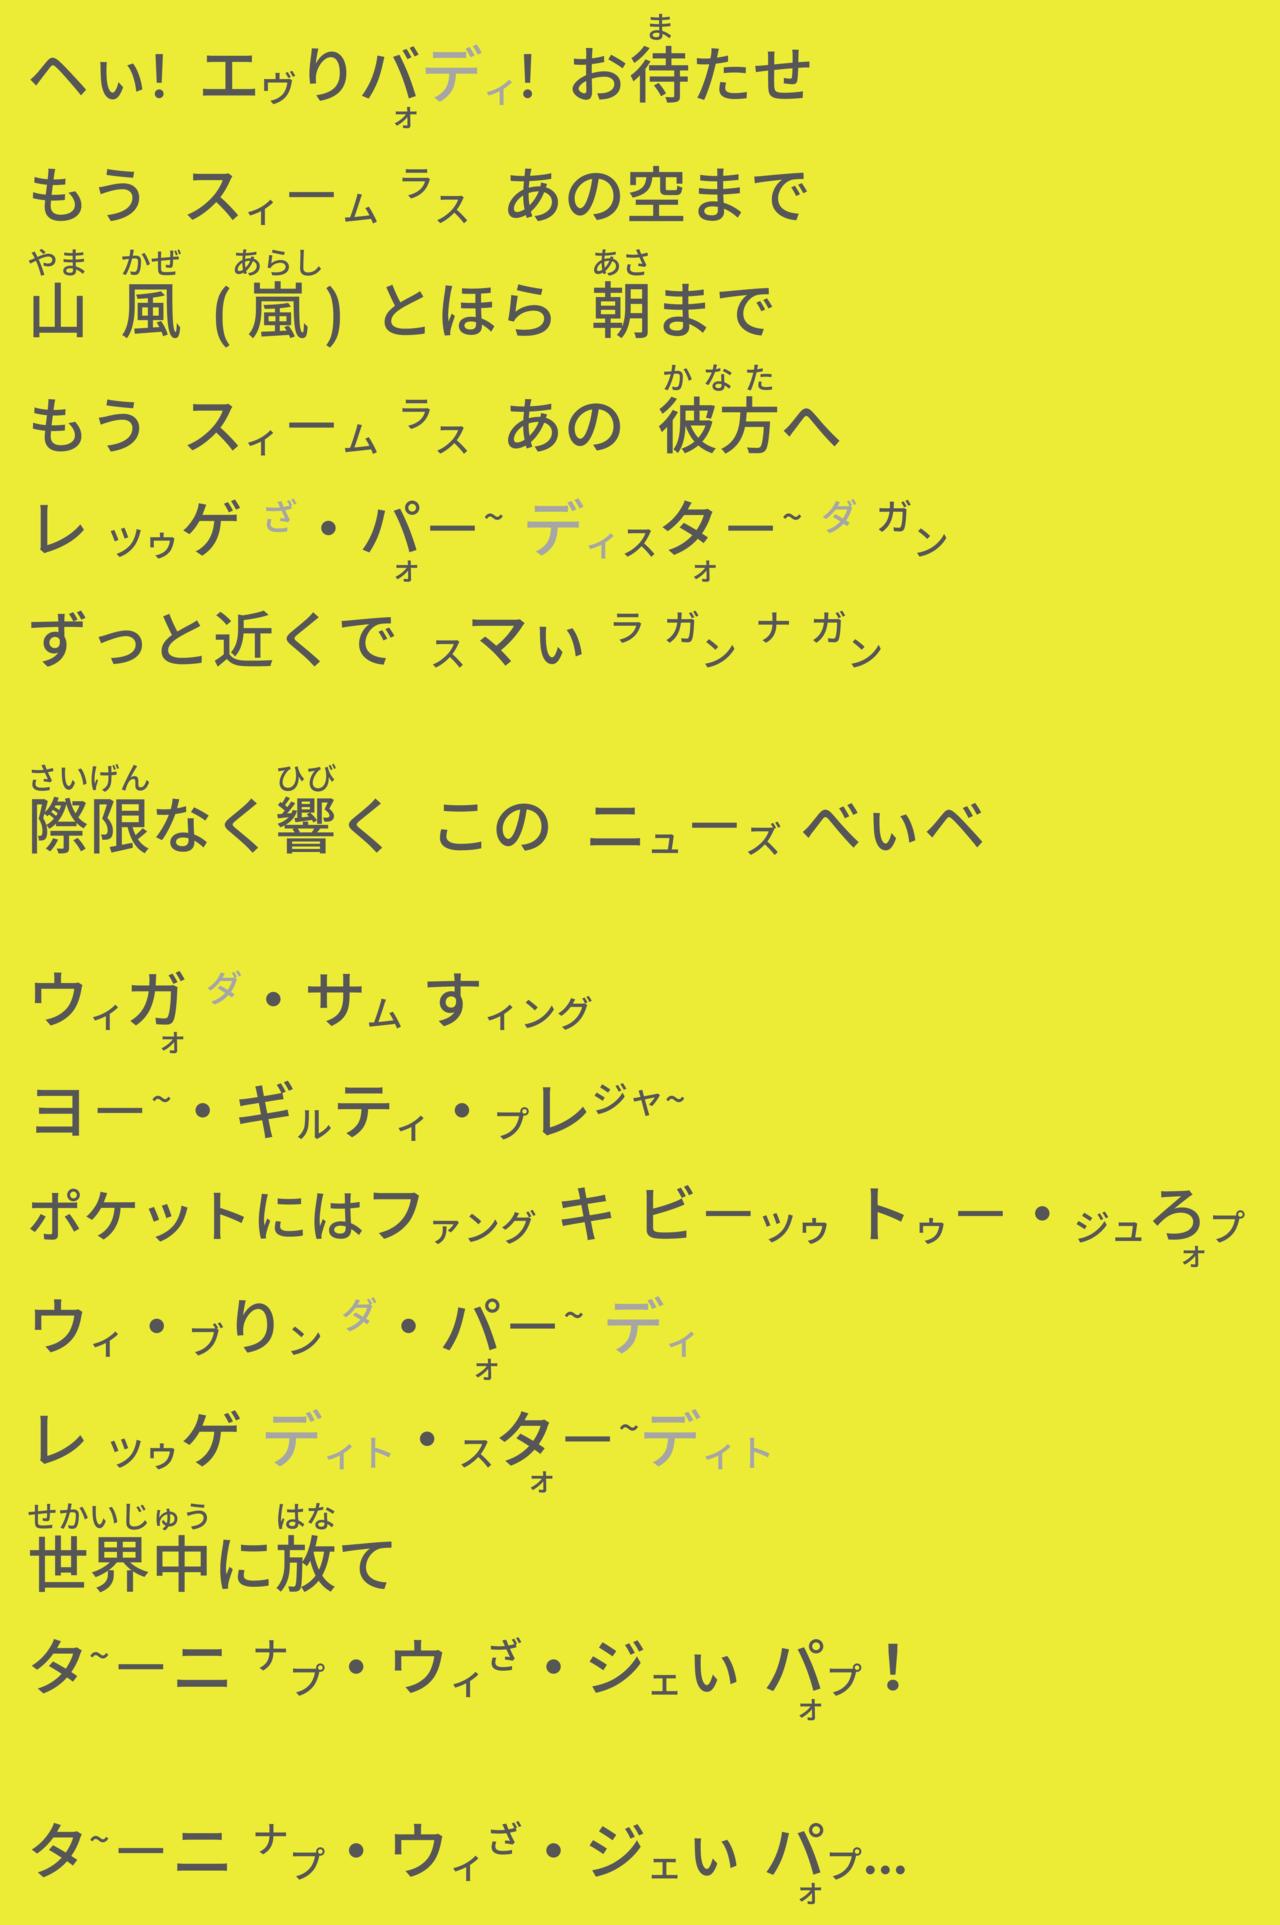 Twitter 嵐-03